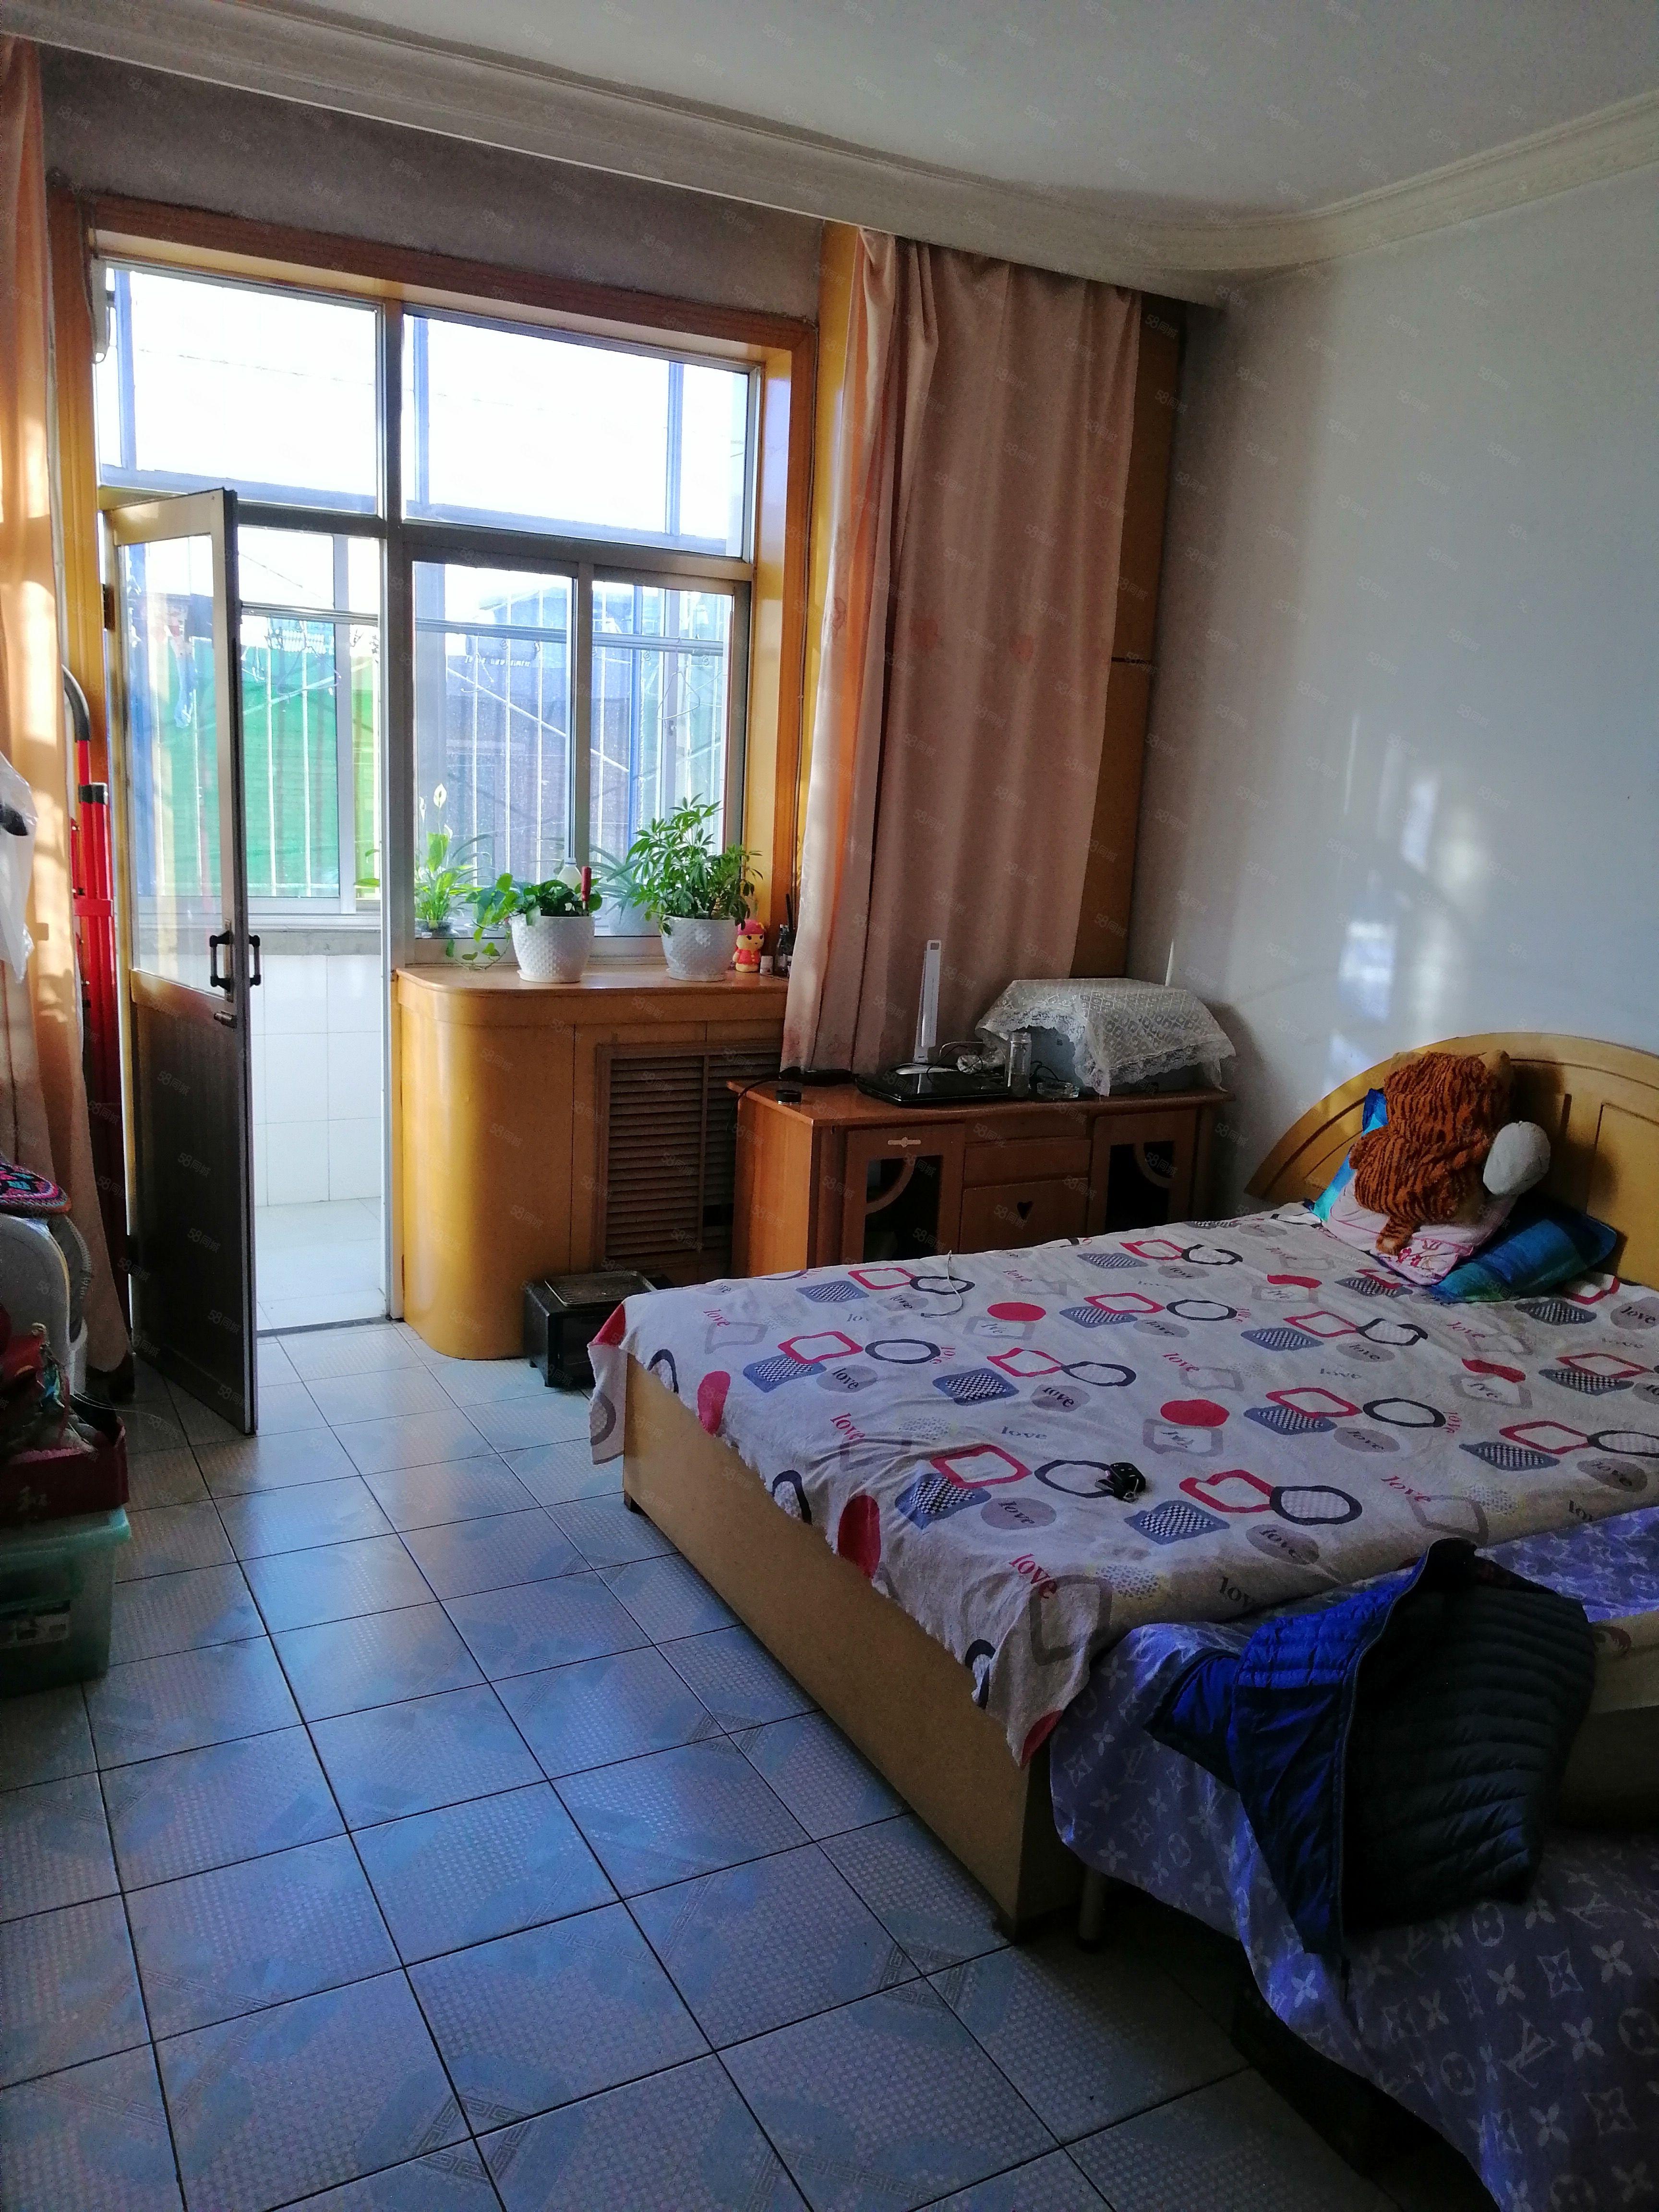 出租大华美附近中等装修二层现房,生活设施齐全,室内干净舒适